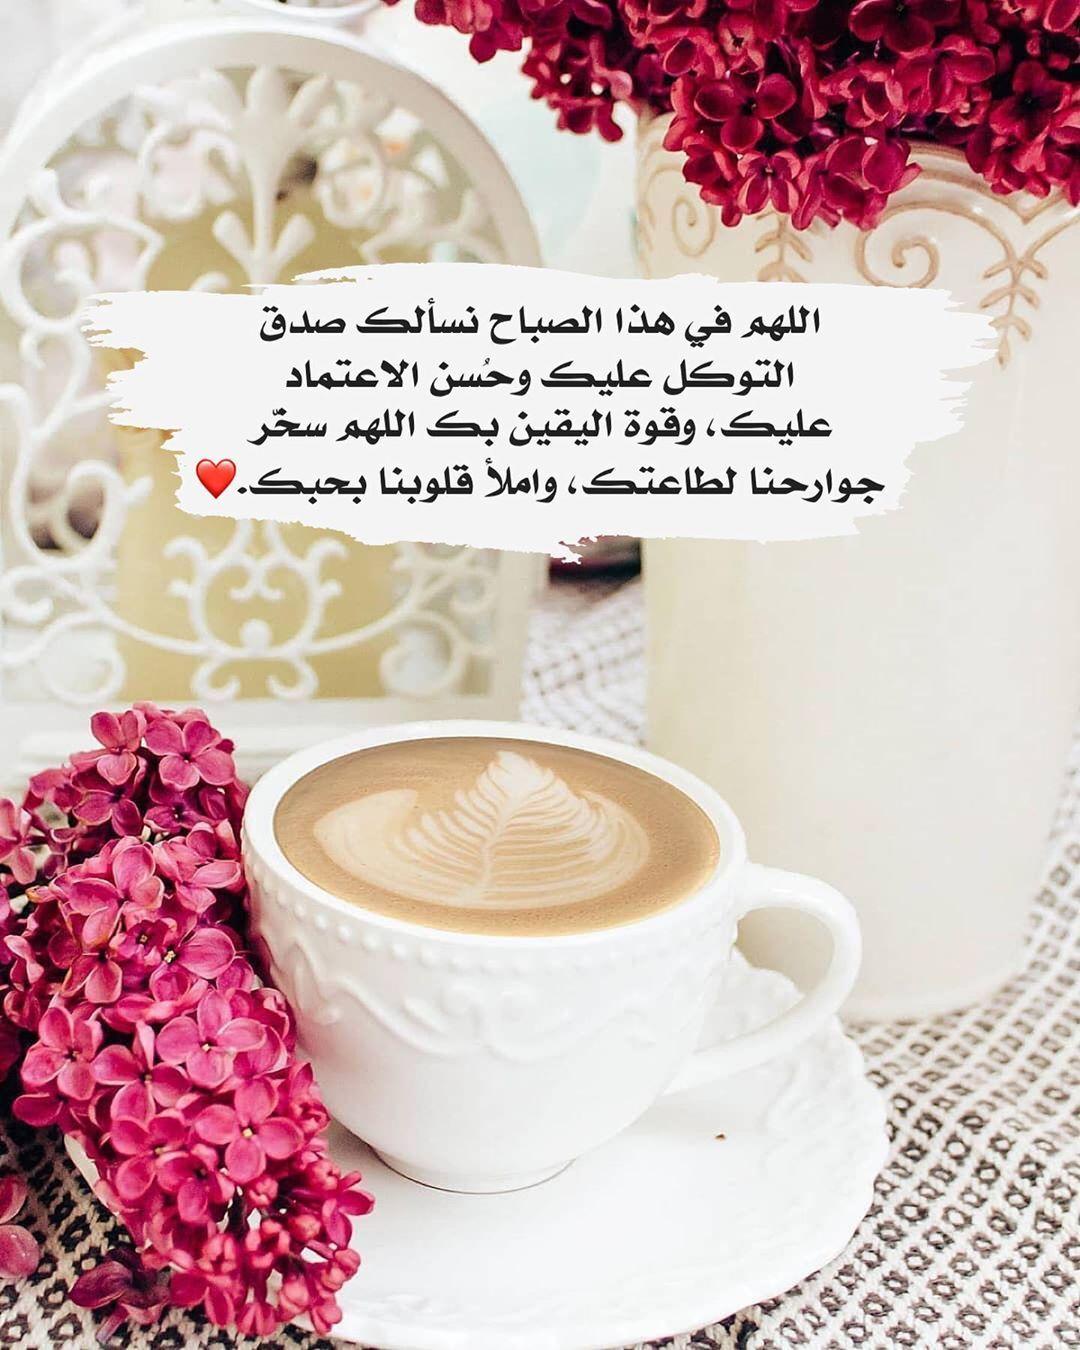 و كأن الورد إنخلق لعيناك و حديثك Coffee Food Coffee Tea